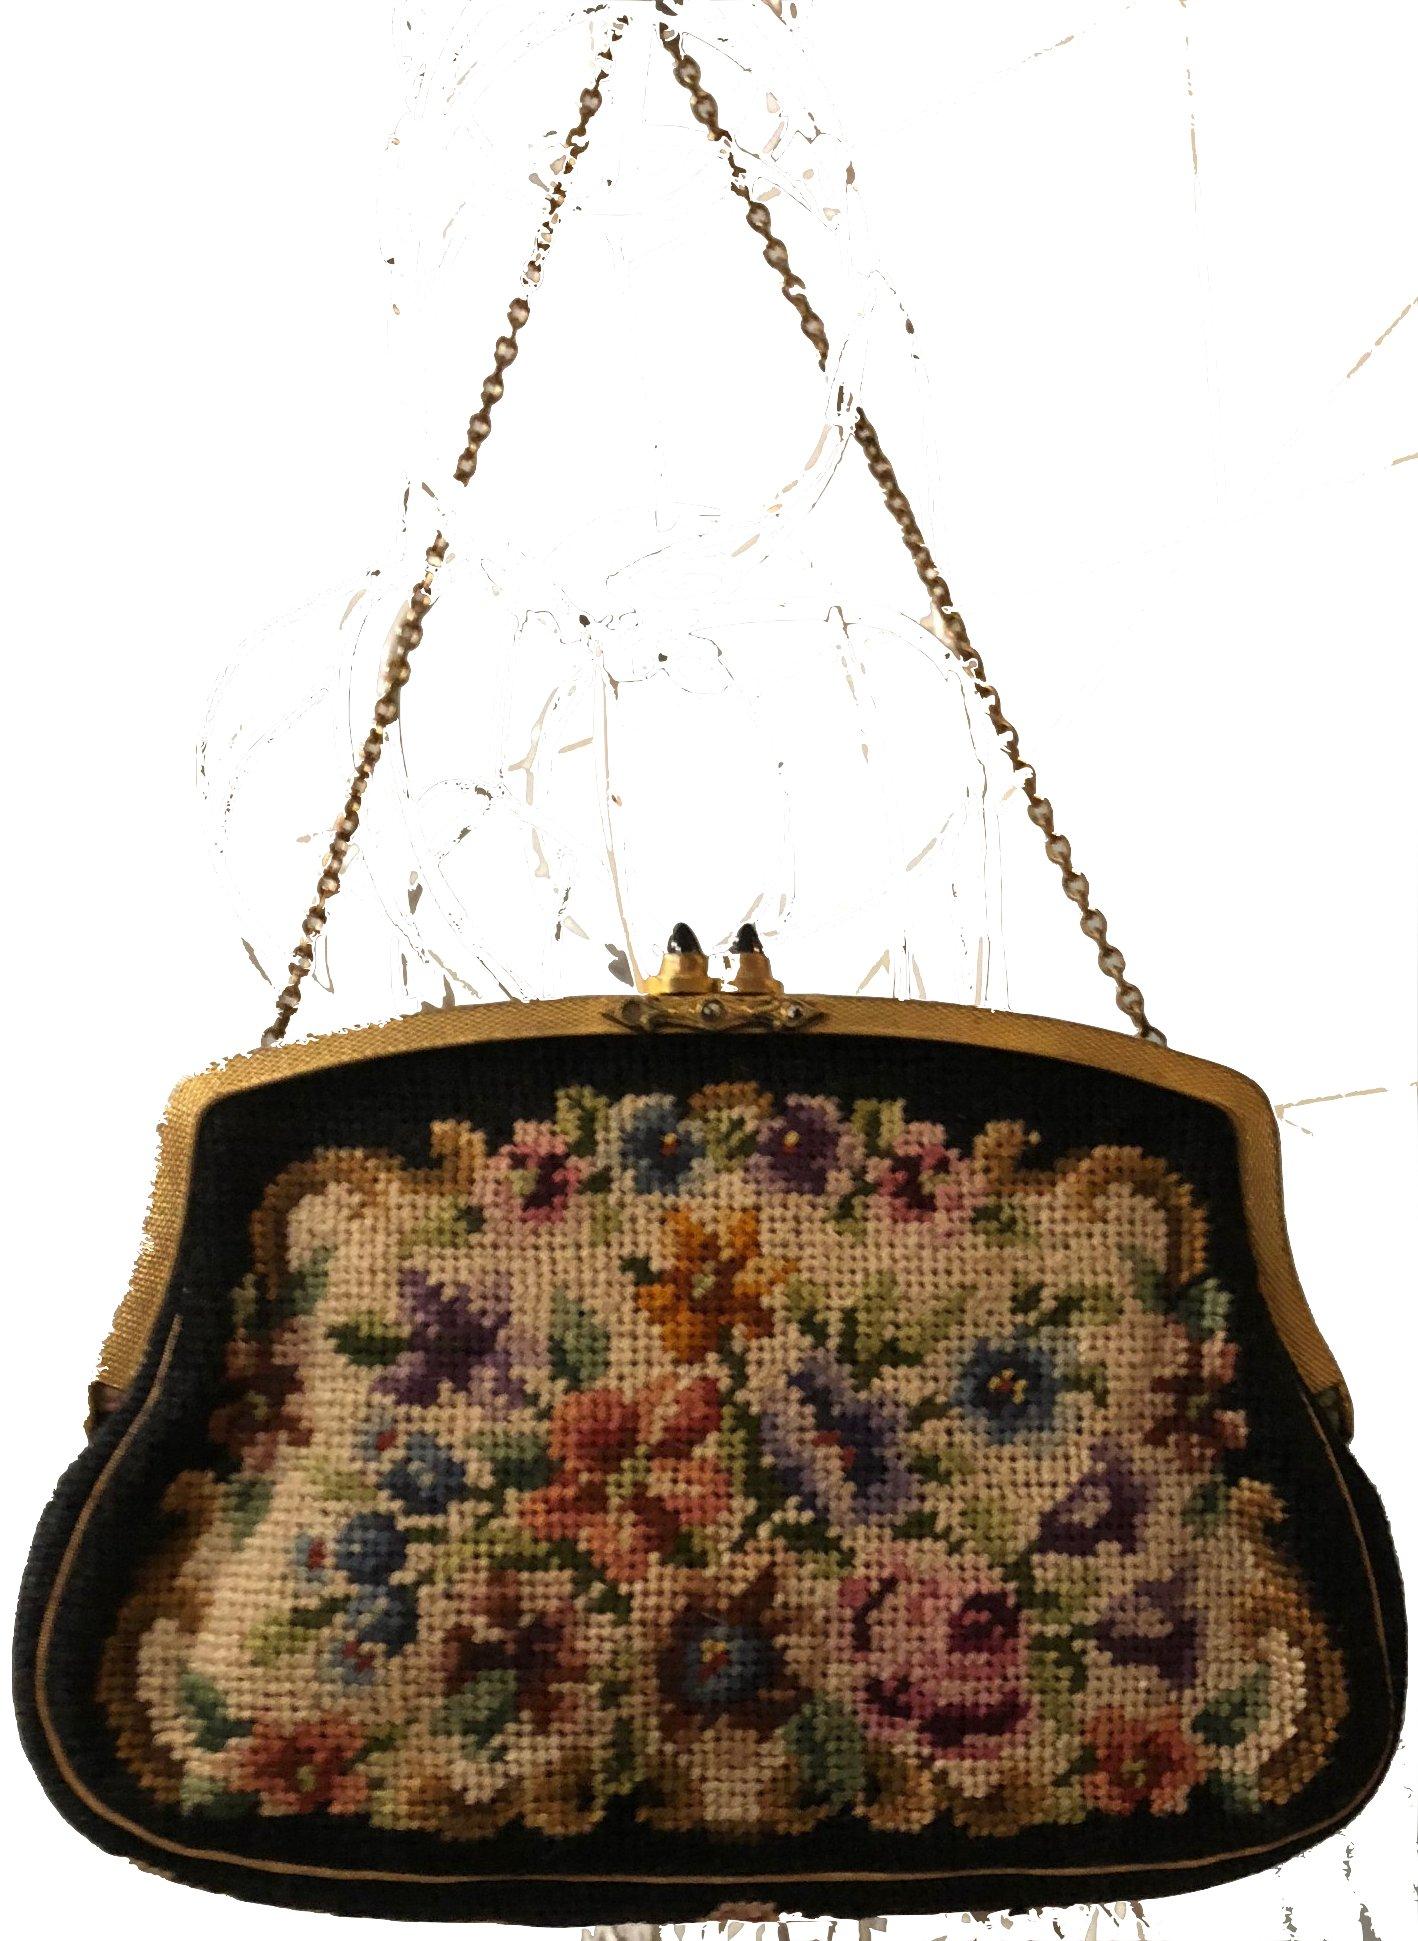 ac34a9d109ecd Piękna ręcznie wyszywana torebka wizytowa ! - 7335802251 - oficjalne ...